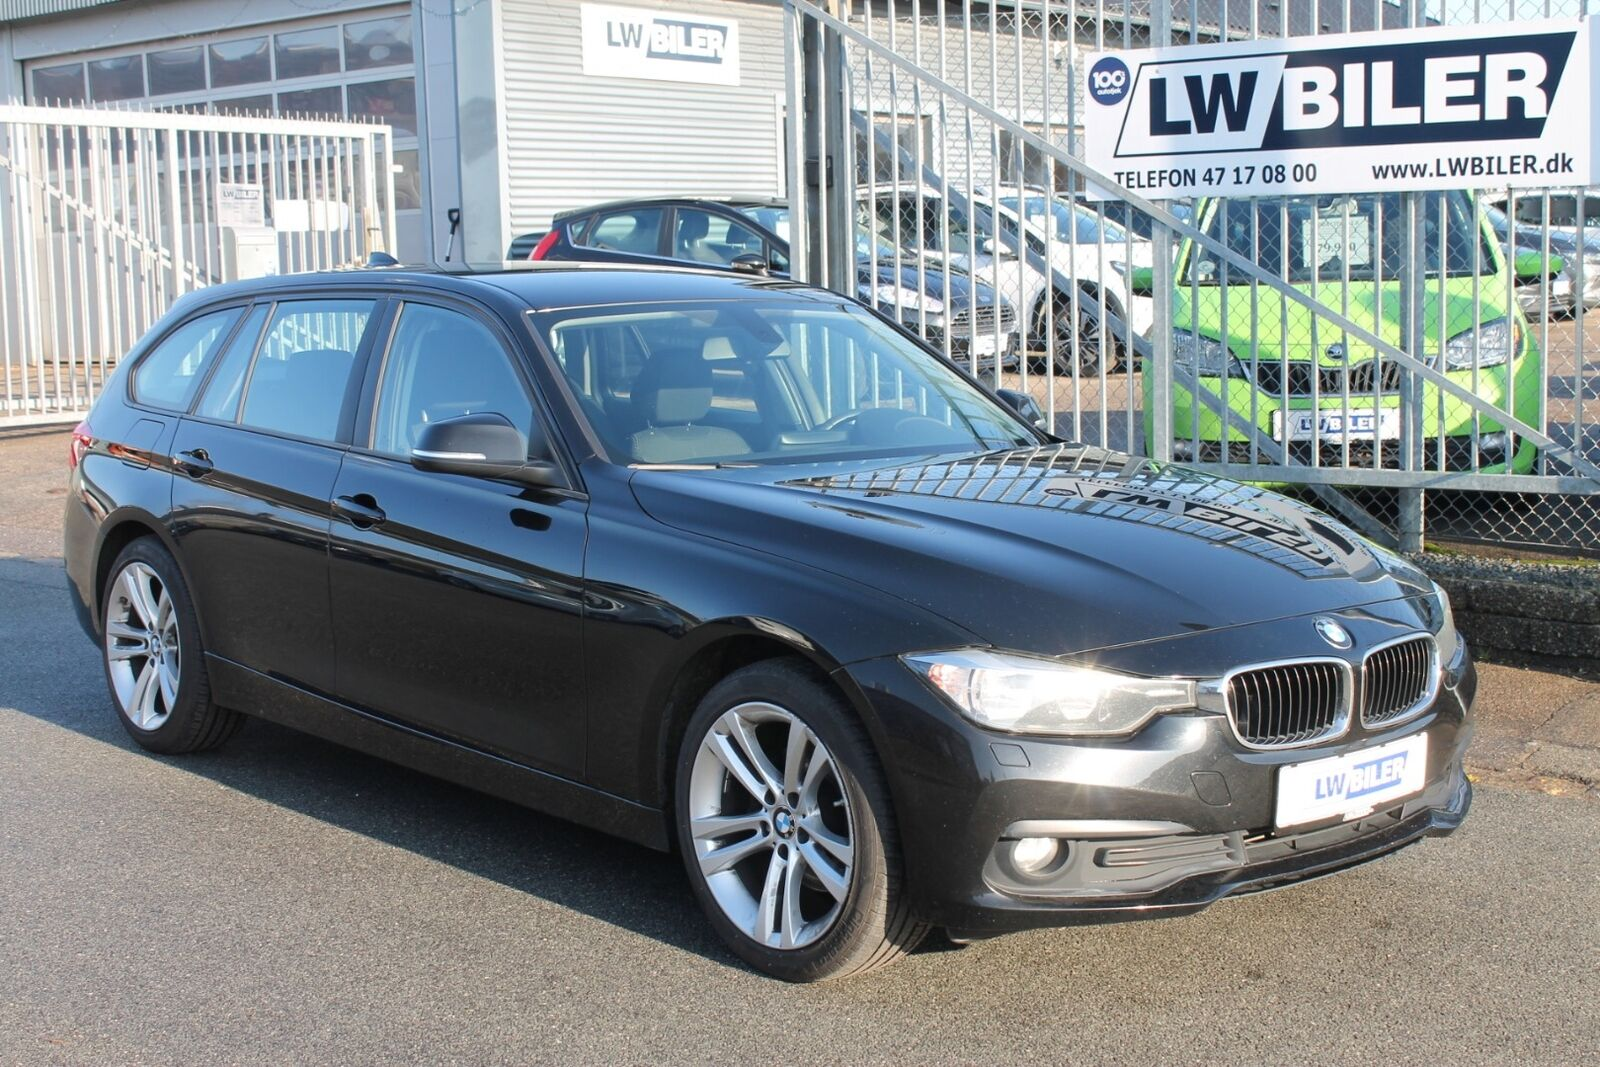 BMW 320d 2,0 Touring aut. 5d - 216.900 kr.